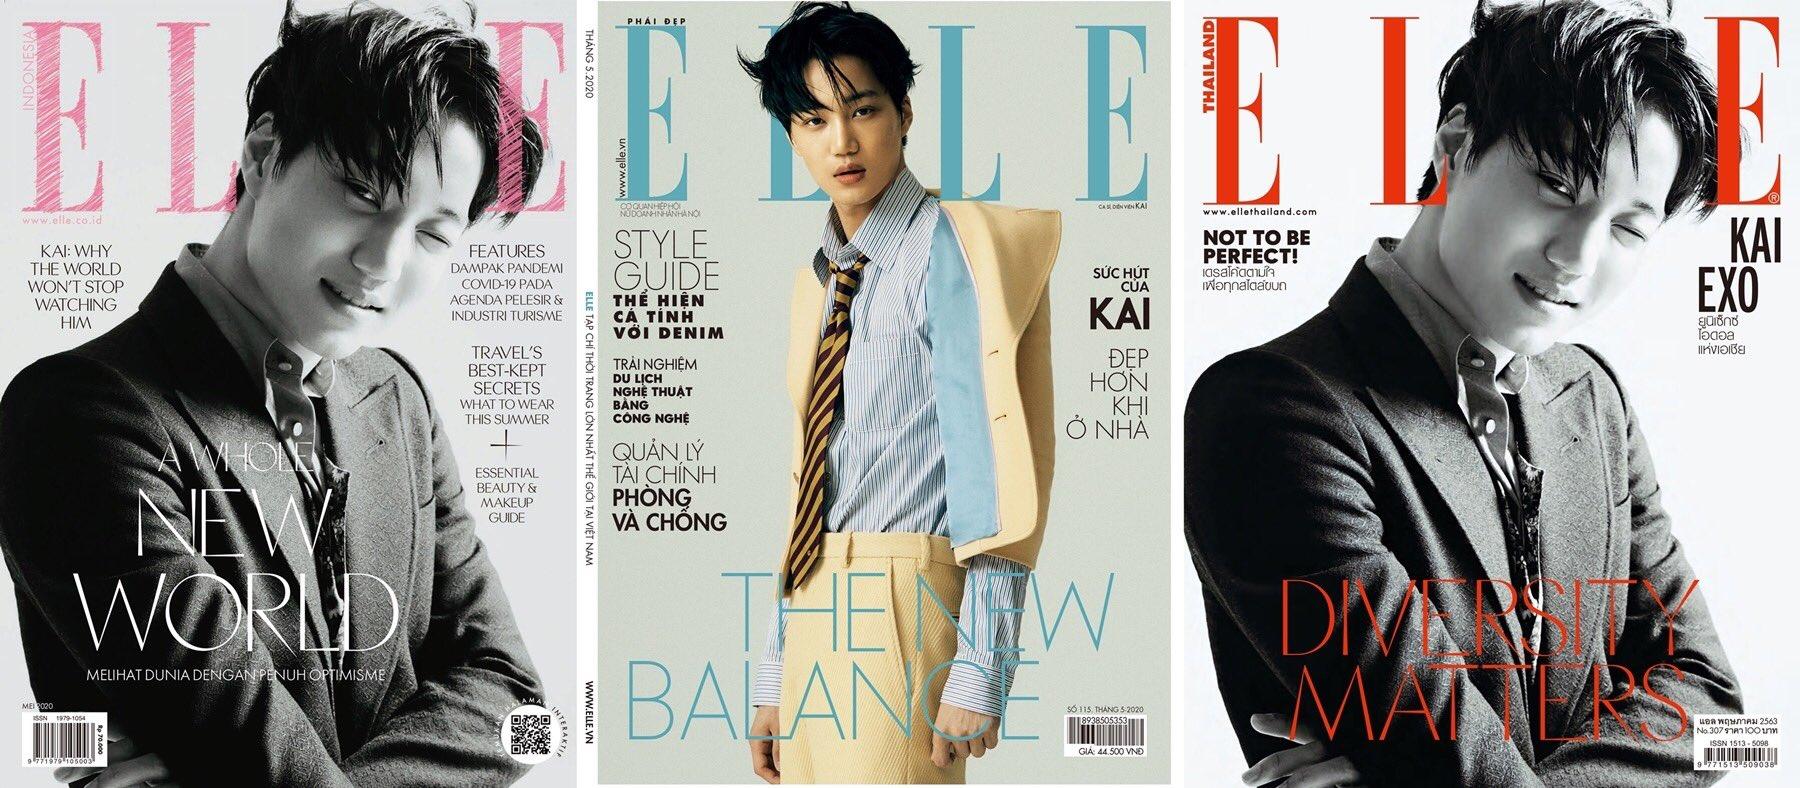 EXO金钟仁登上《ELLE KOREA》4月刊封面写真 超凡魅力令世界瞩目